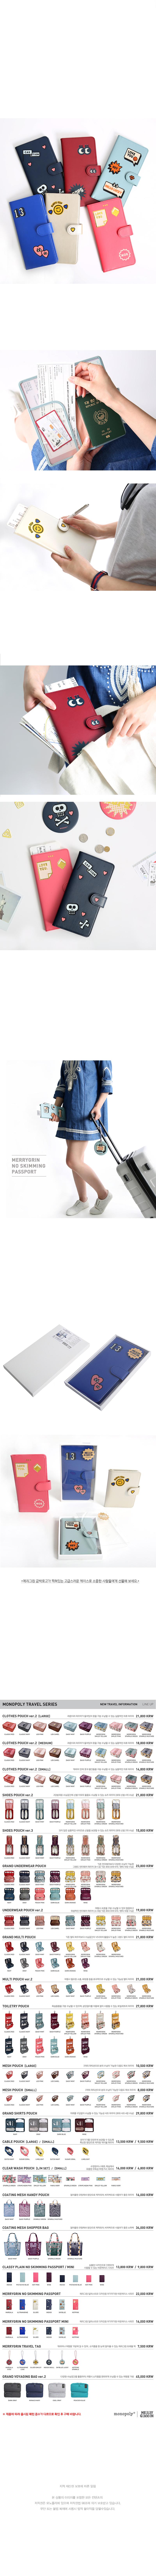 MERRYGRIN NO SKIMMING PASSPORT - 모노폴리, 22,000원, 여권케이스, 심플 케이스